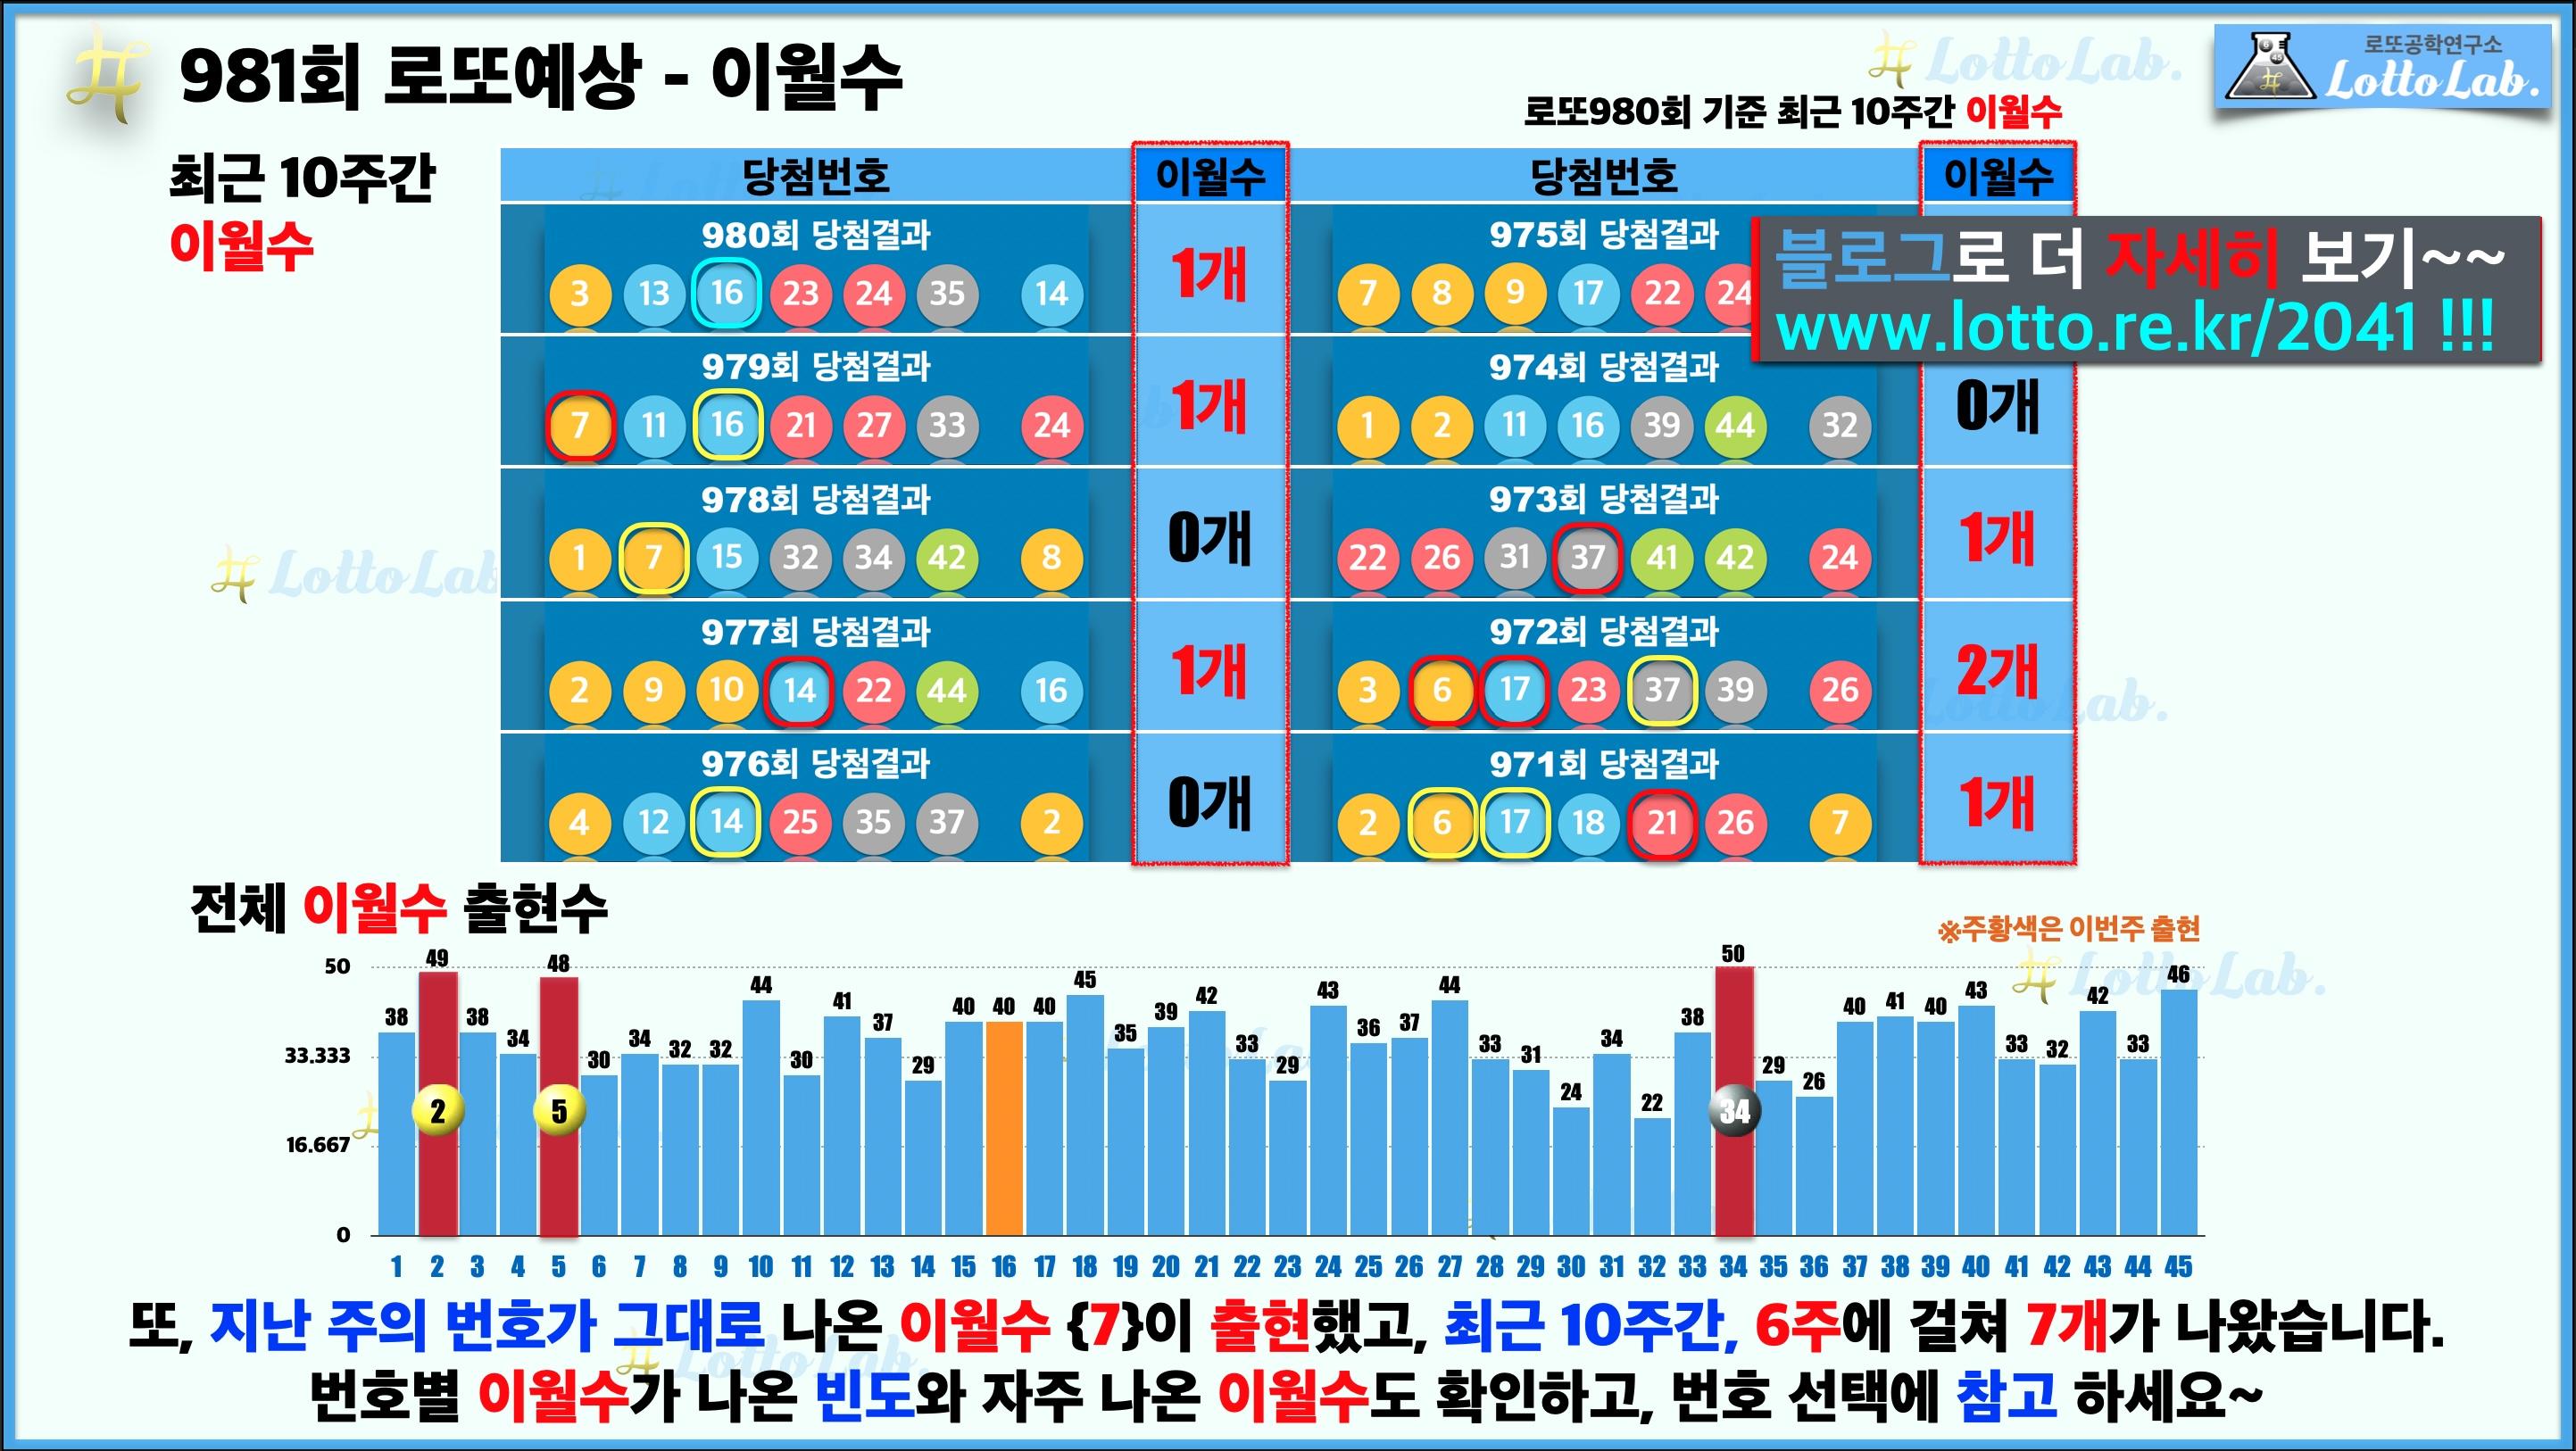 로또랩 로또981 당첨 번호 예상 - 이월수